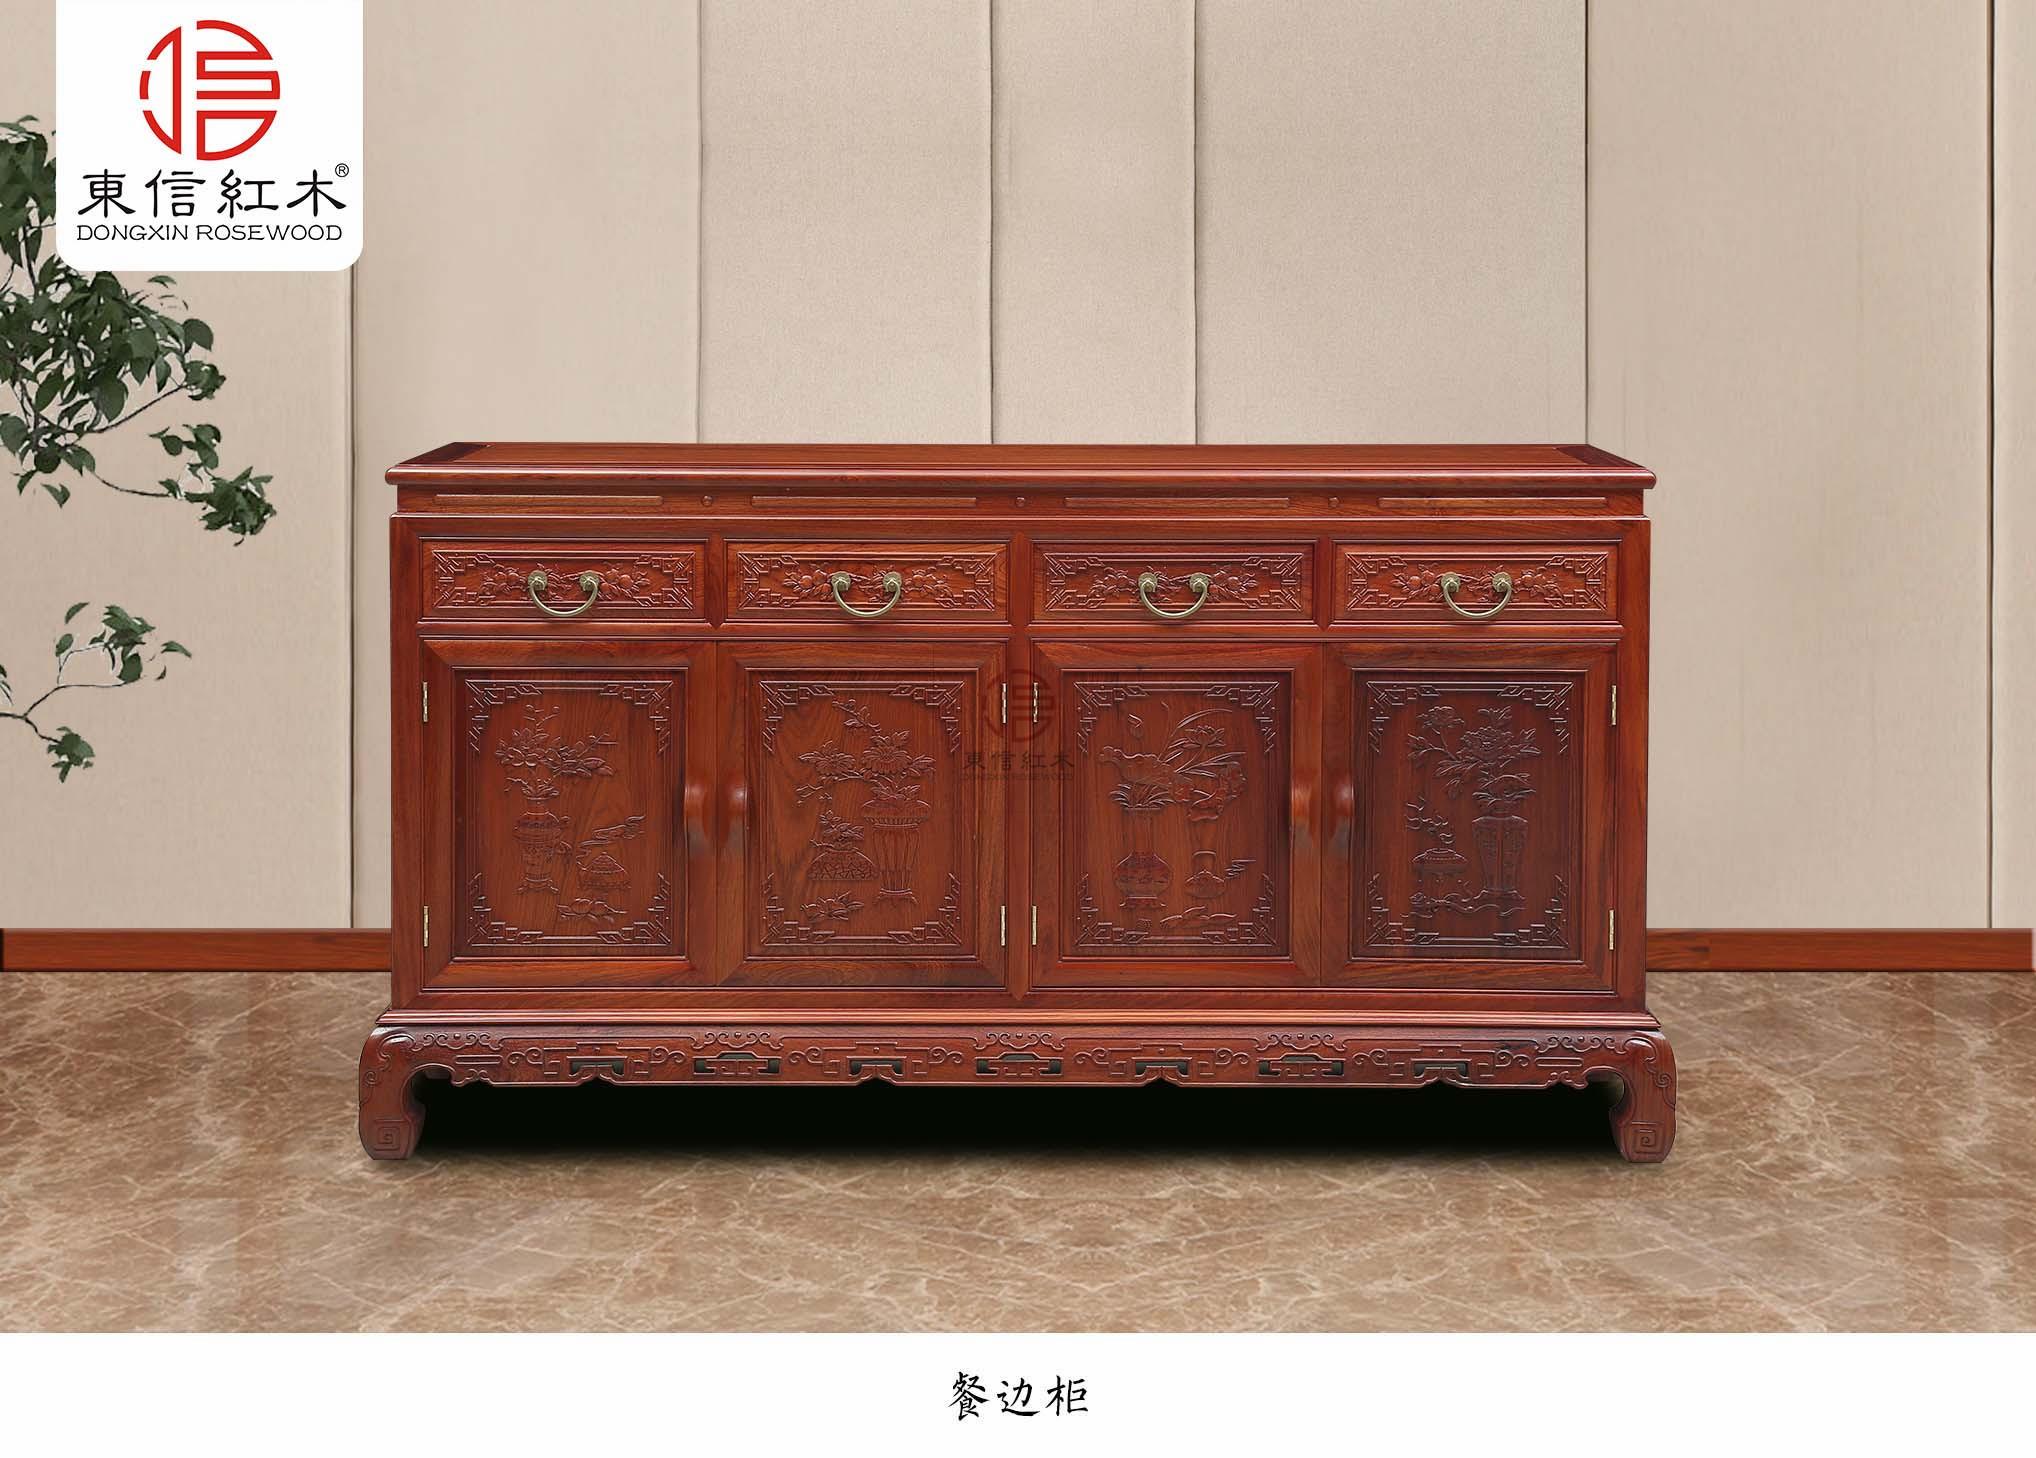 缅甸花梨木餐边柜-花梨木家具-红木家具批发-红木家具品牌-红木古典家具价格